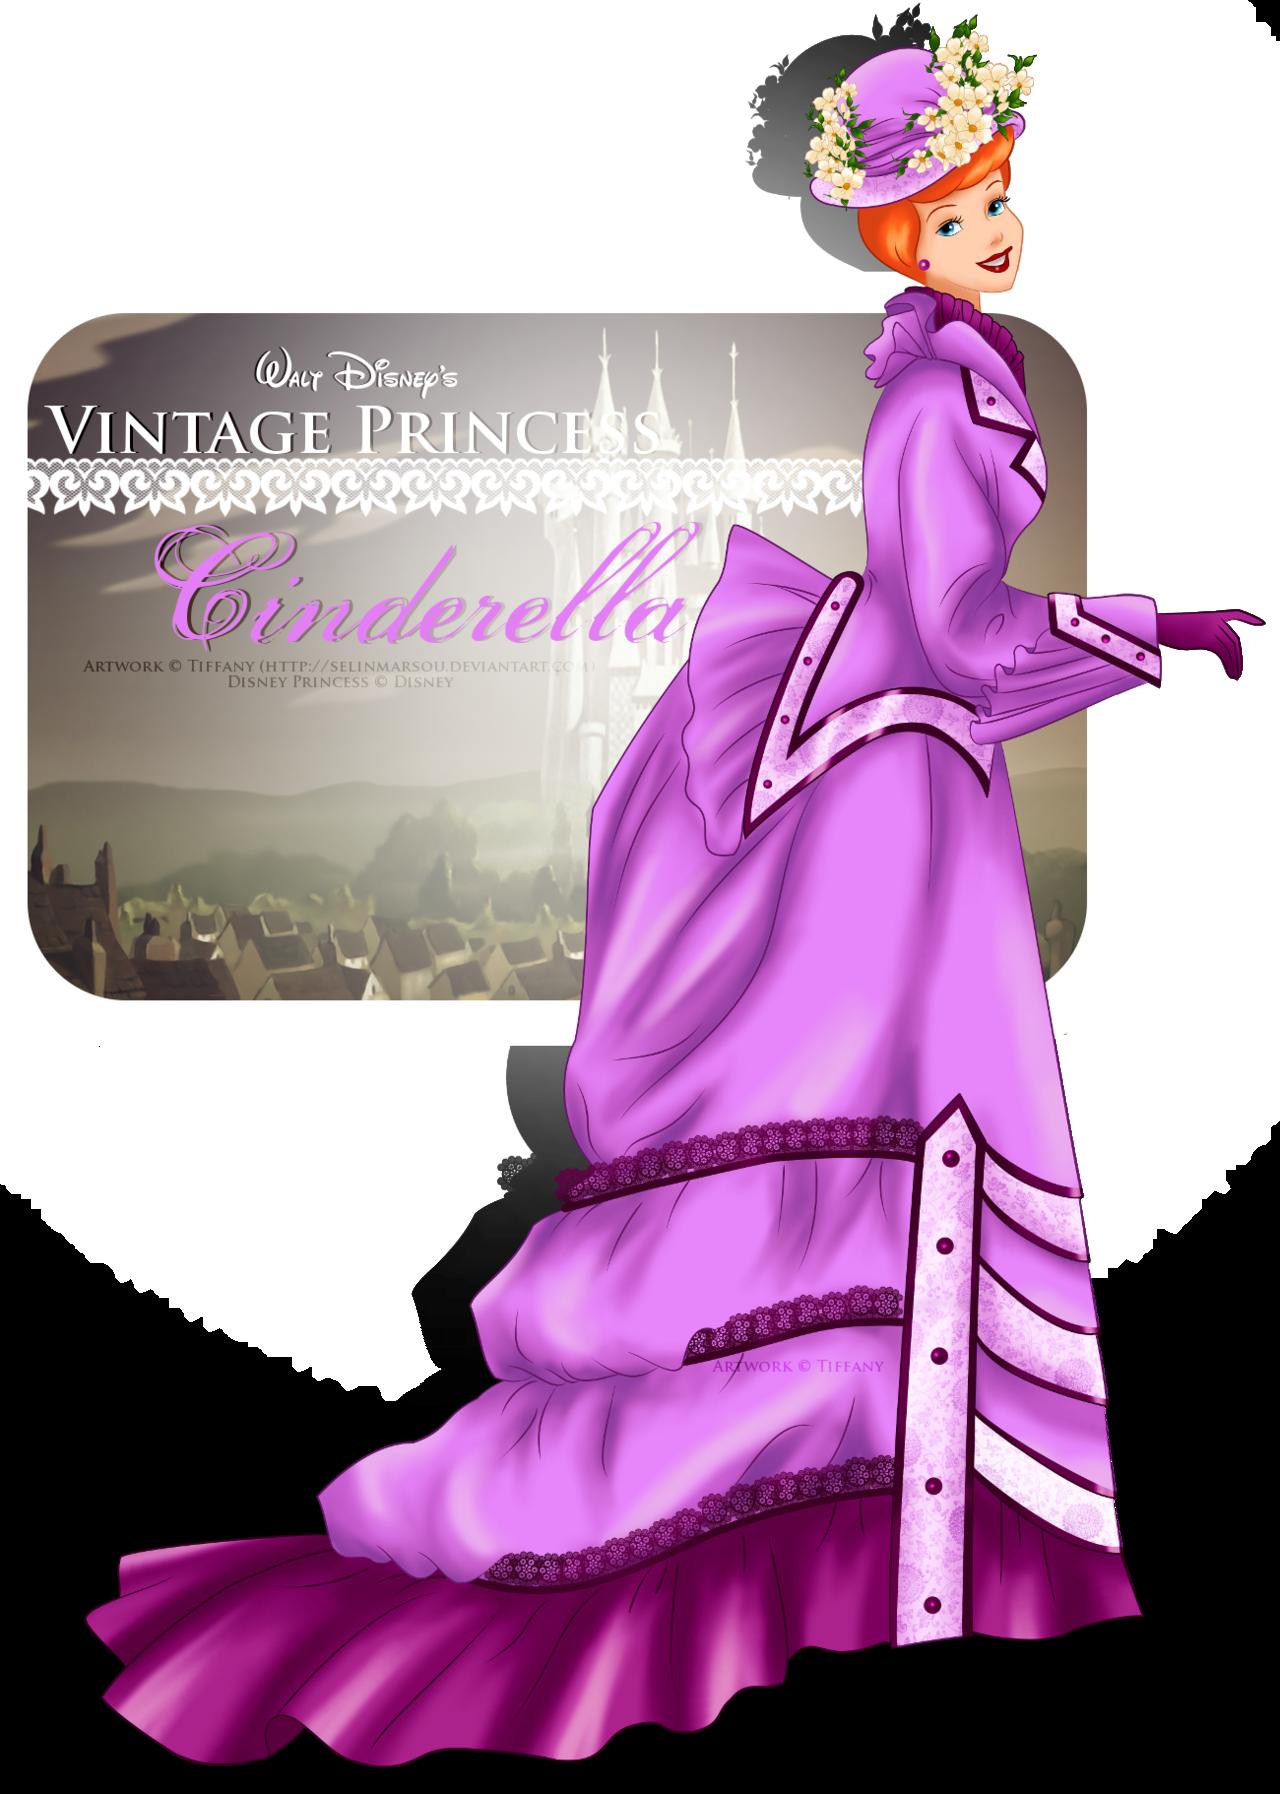 Vintage Princess - Cinderella